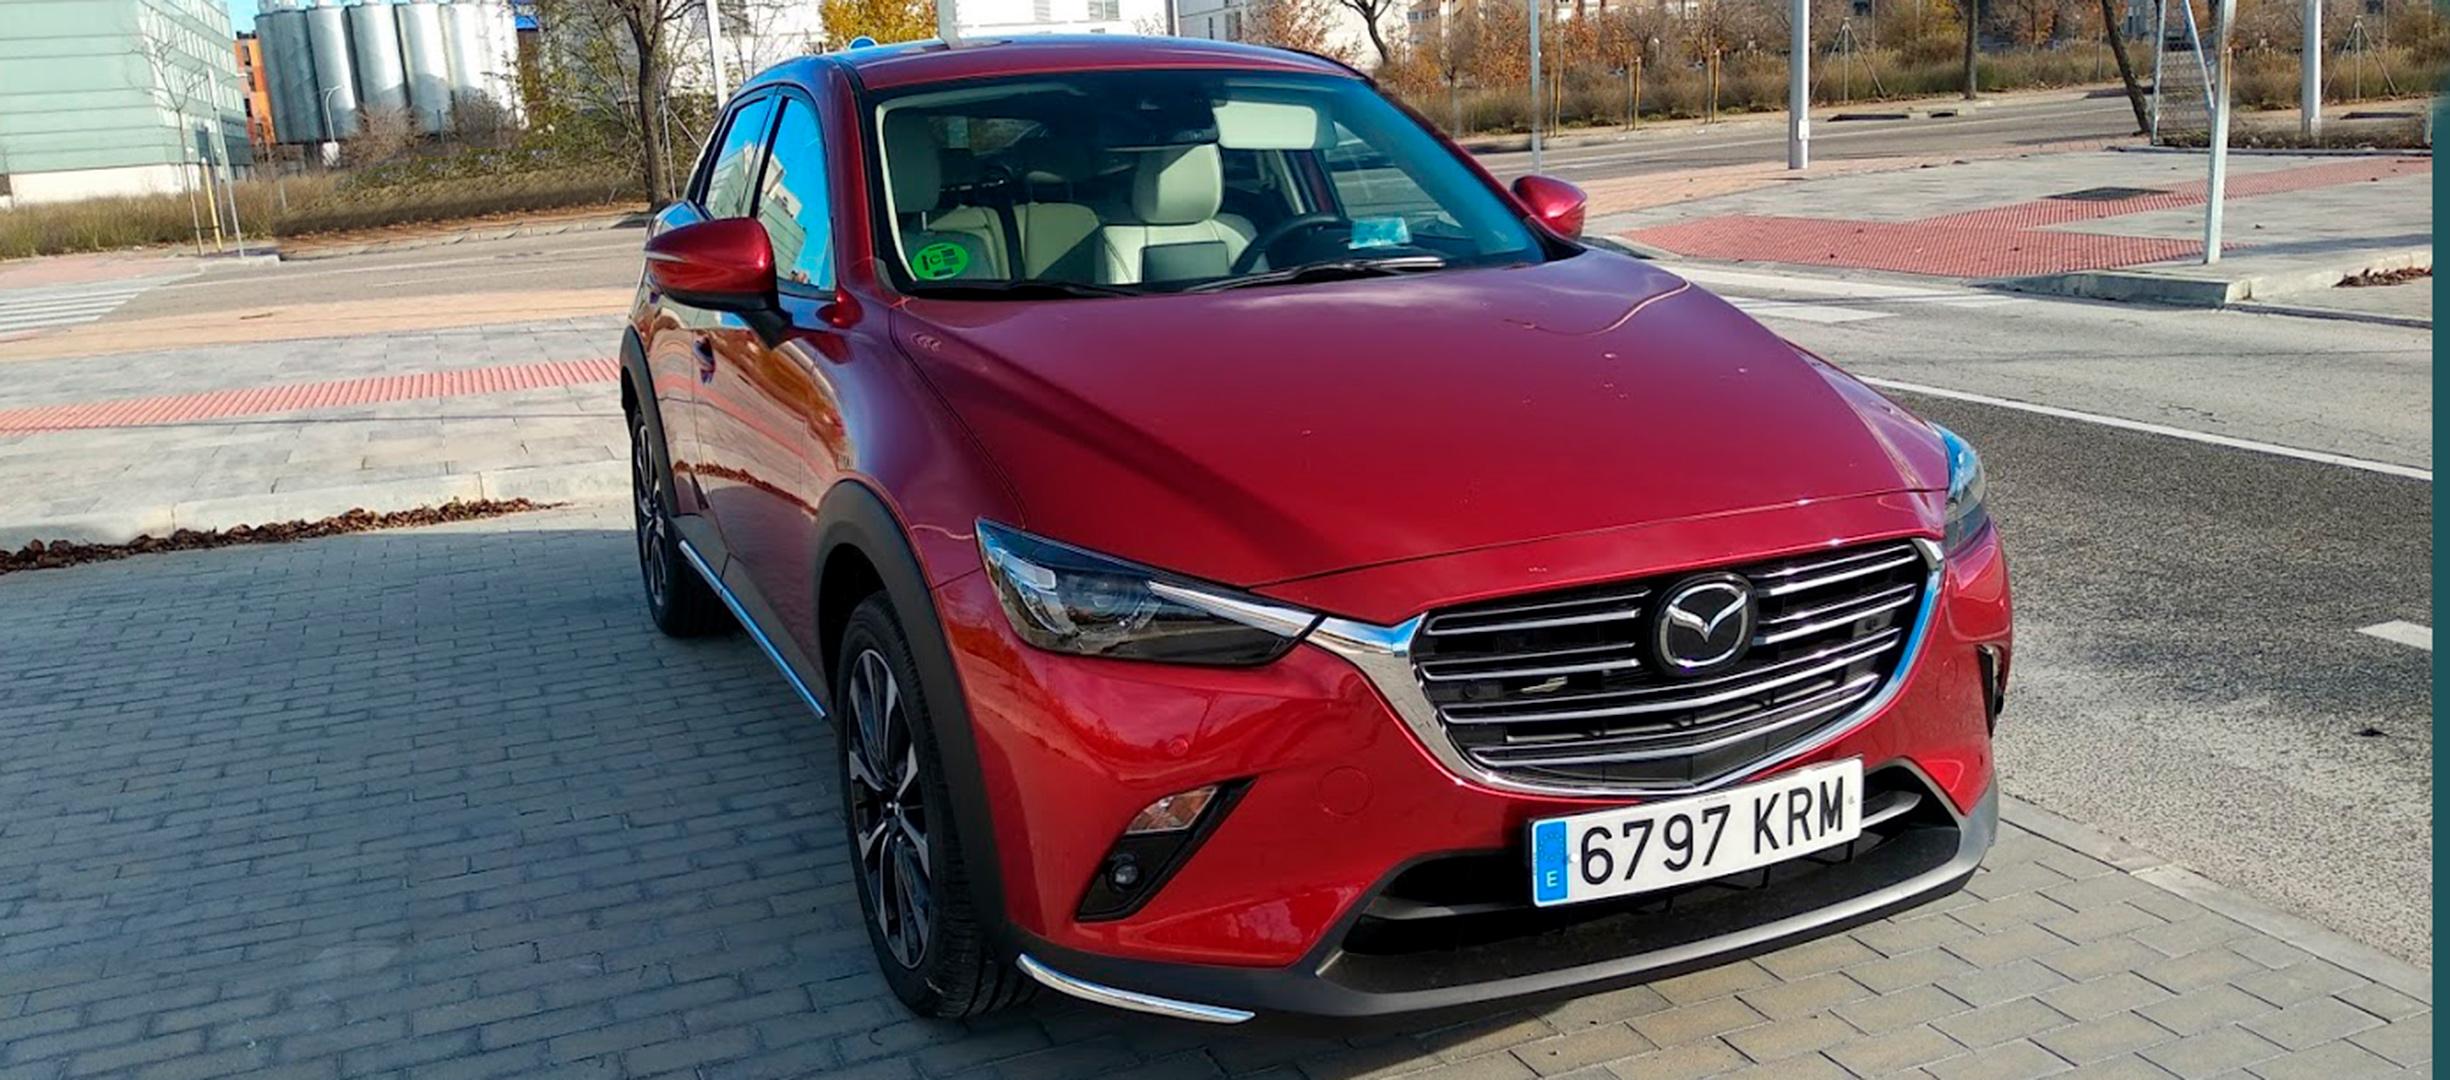 Esta semana en estomesuena os mostramos el Mazda CX3